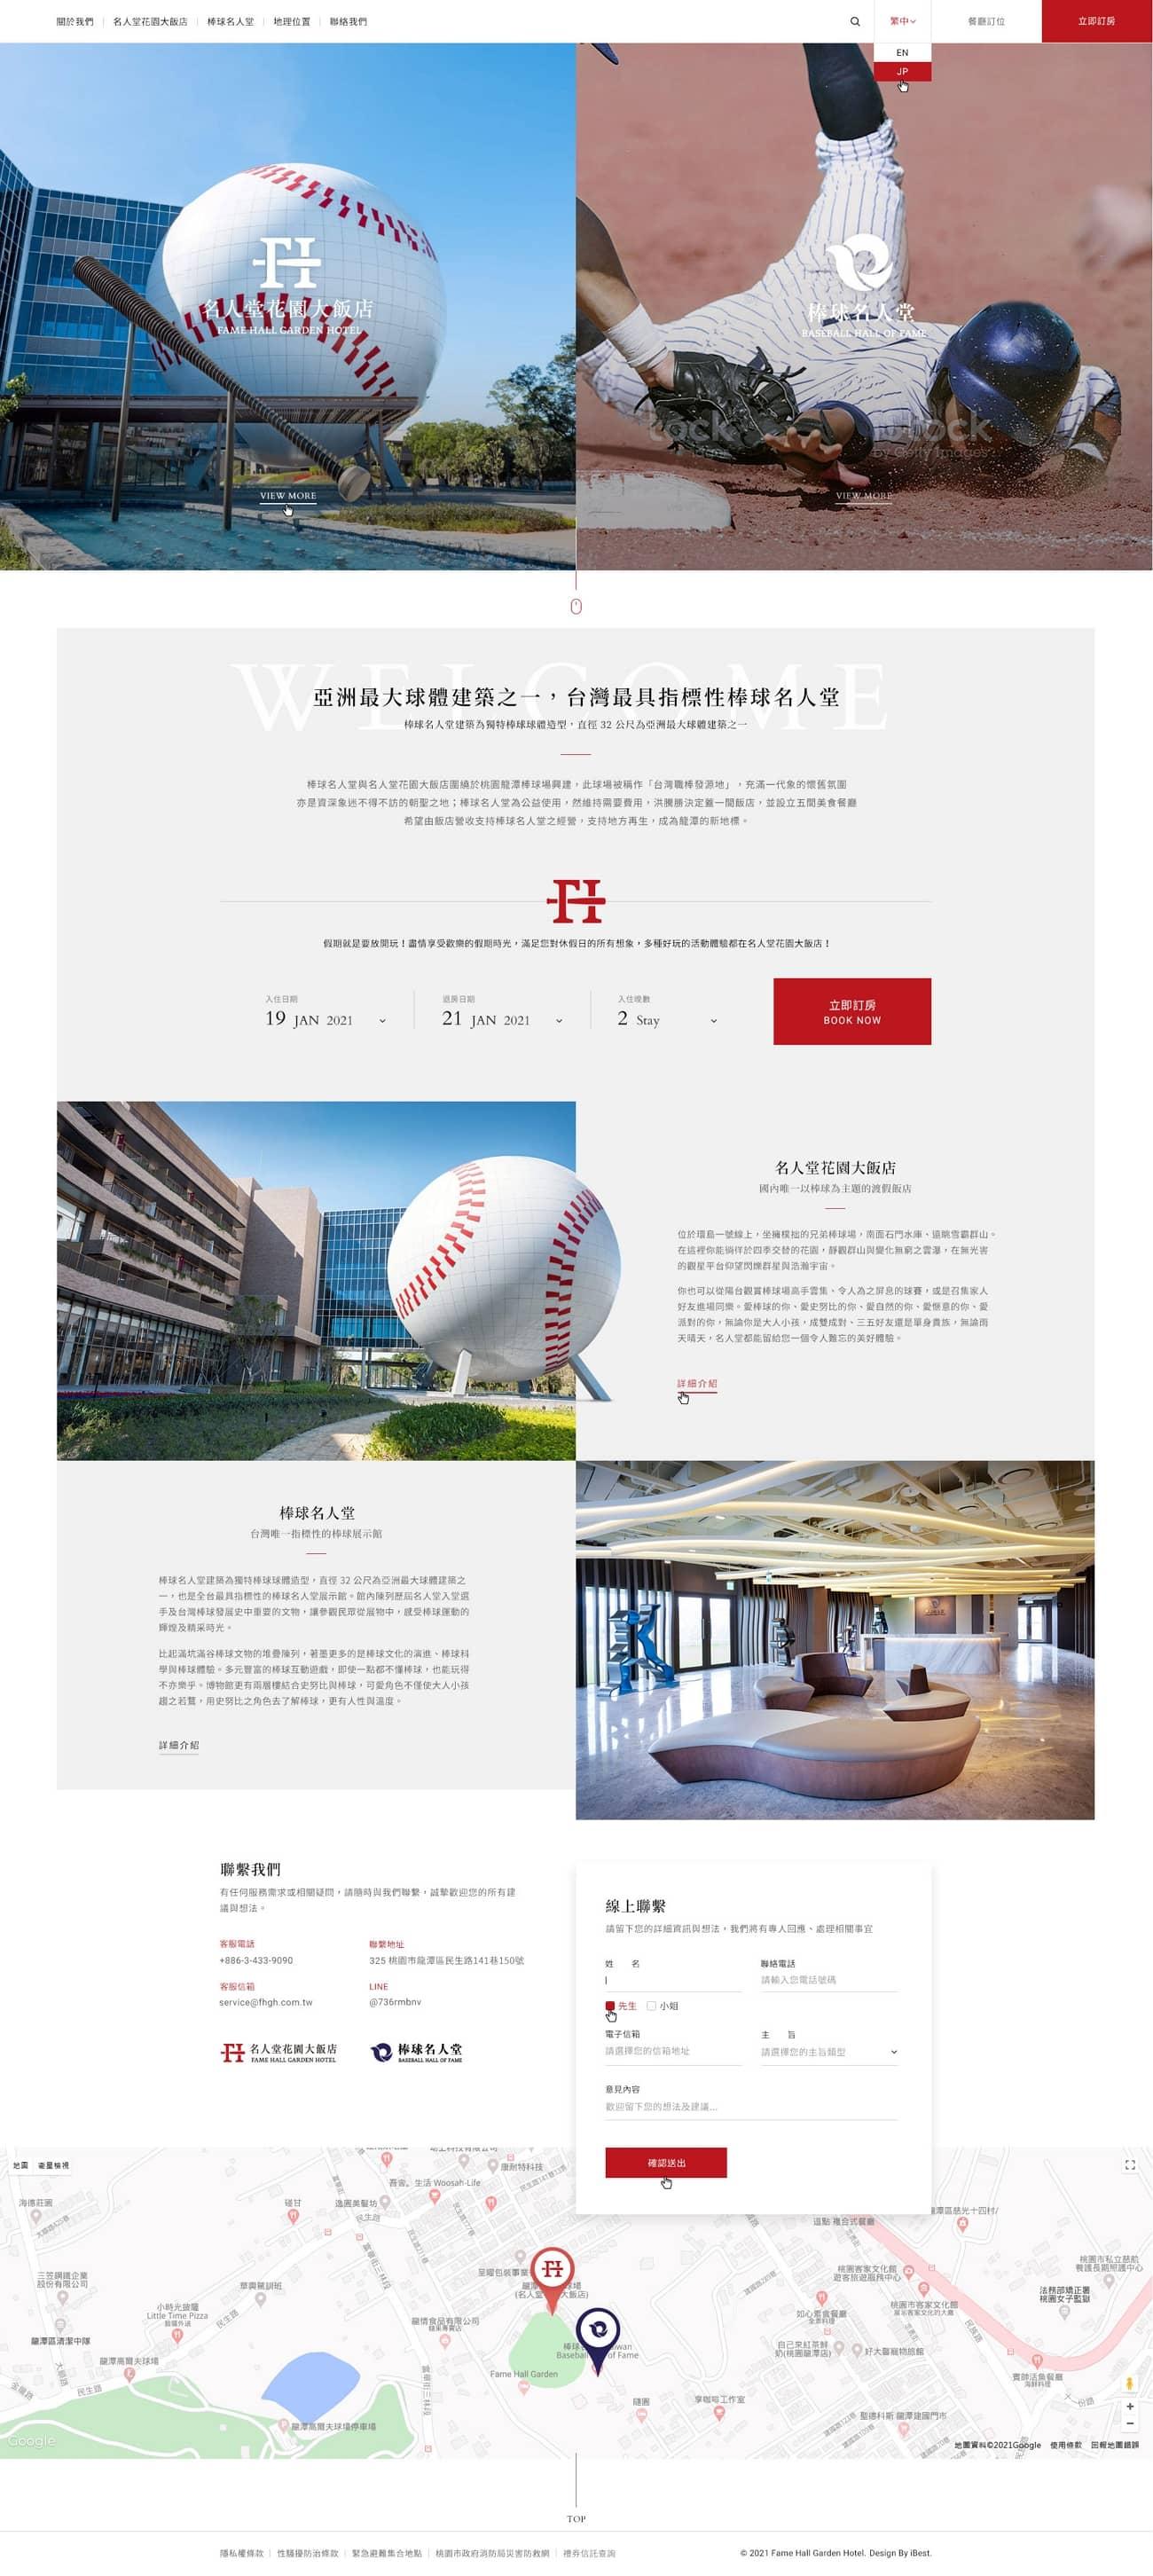 名人堂花園飯店-網頁設計